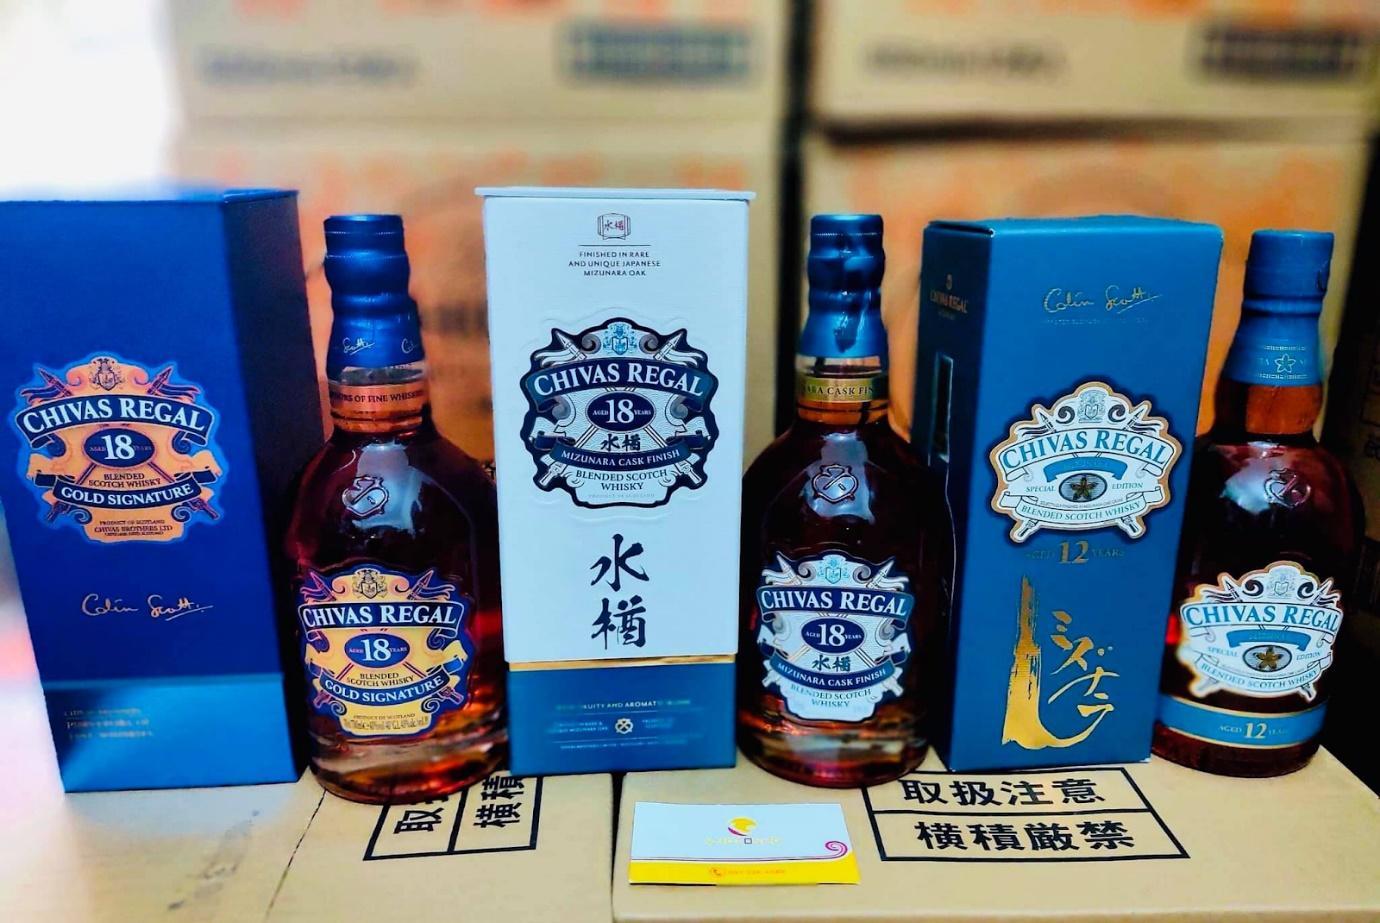 Kyotosho - Kinh Đô hàng Nhật nội địa và nhập khẩu các nước - Ảnh 5